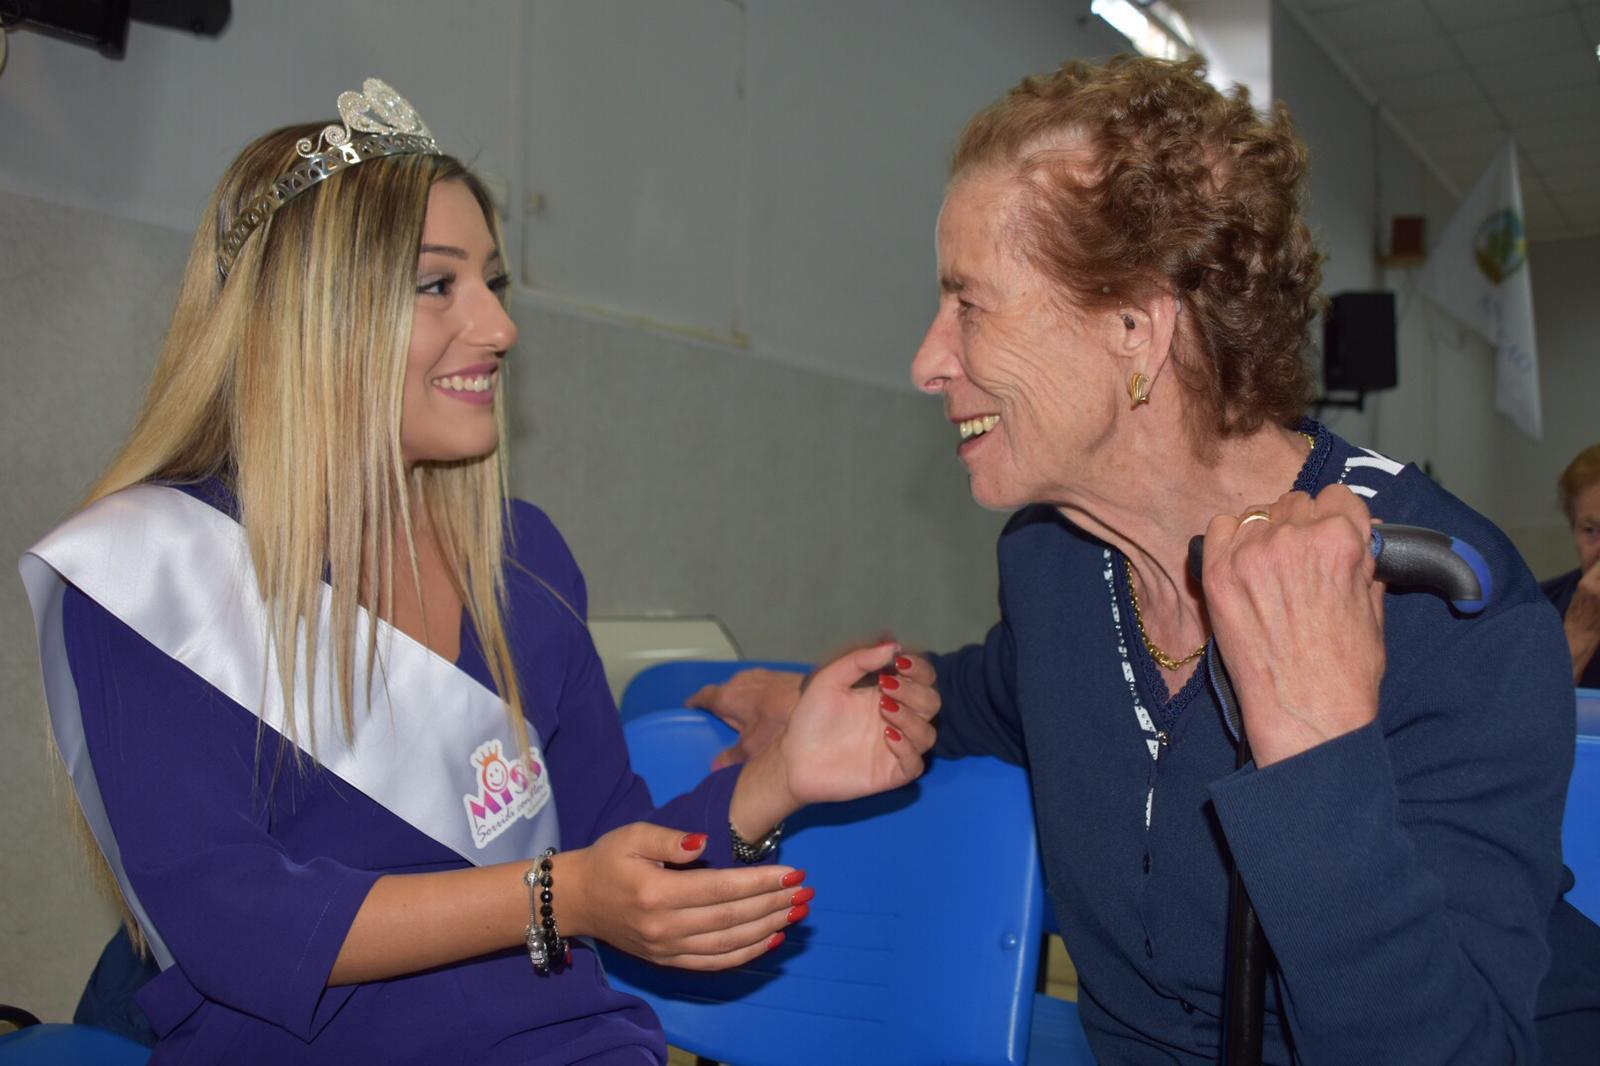 La splendida Emilia Lobene in visita al centro anziani di Trasacco. L'idea solidale del fotoreporter Antonio Oddi